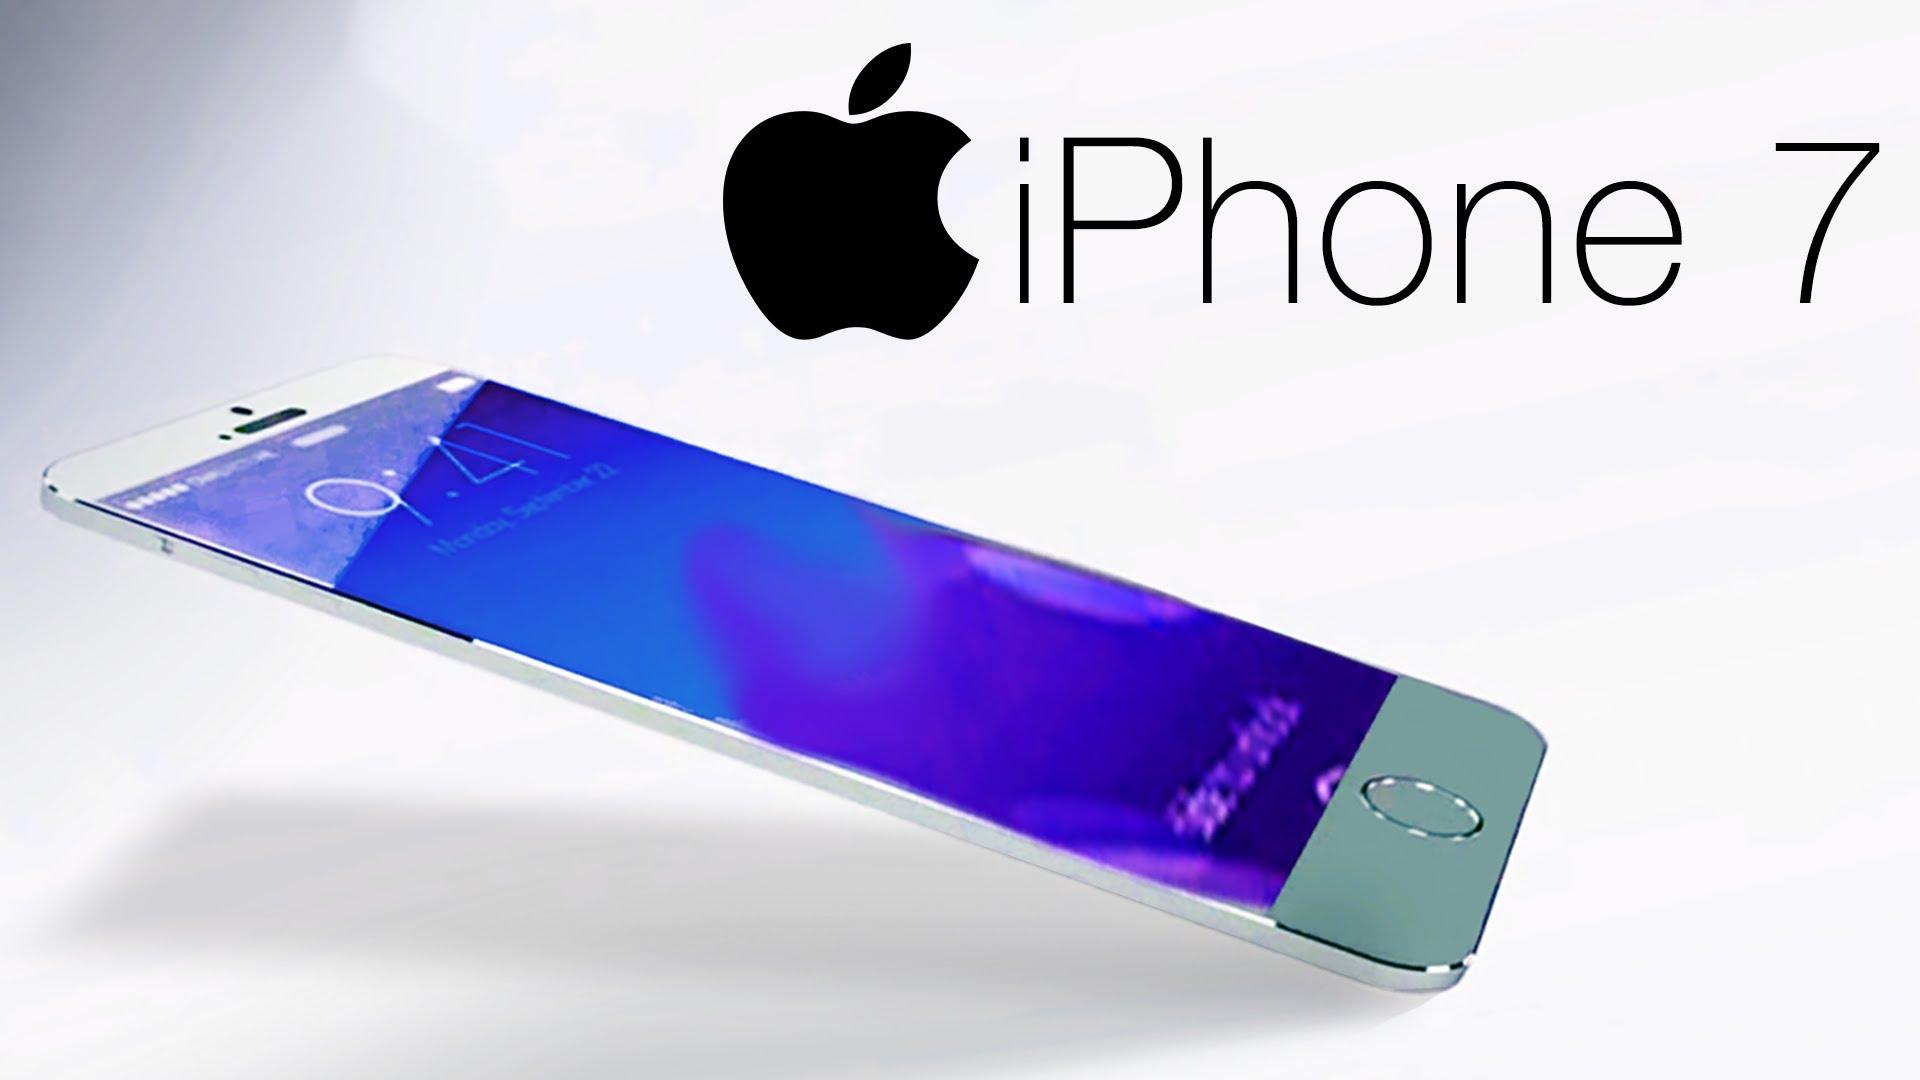 المواصفات الكاملة لهاتفي iPhone 7 و iPhone 7 Plus من آبل !